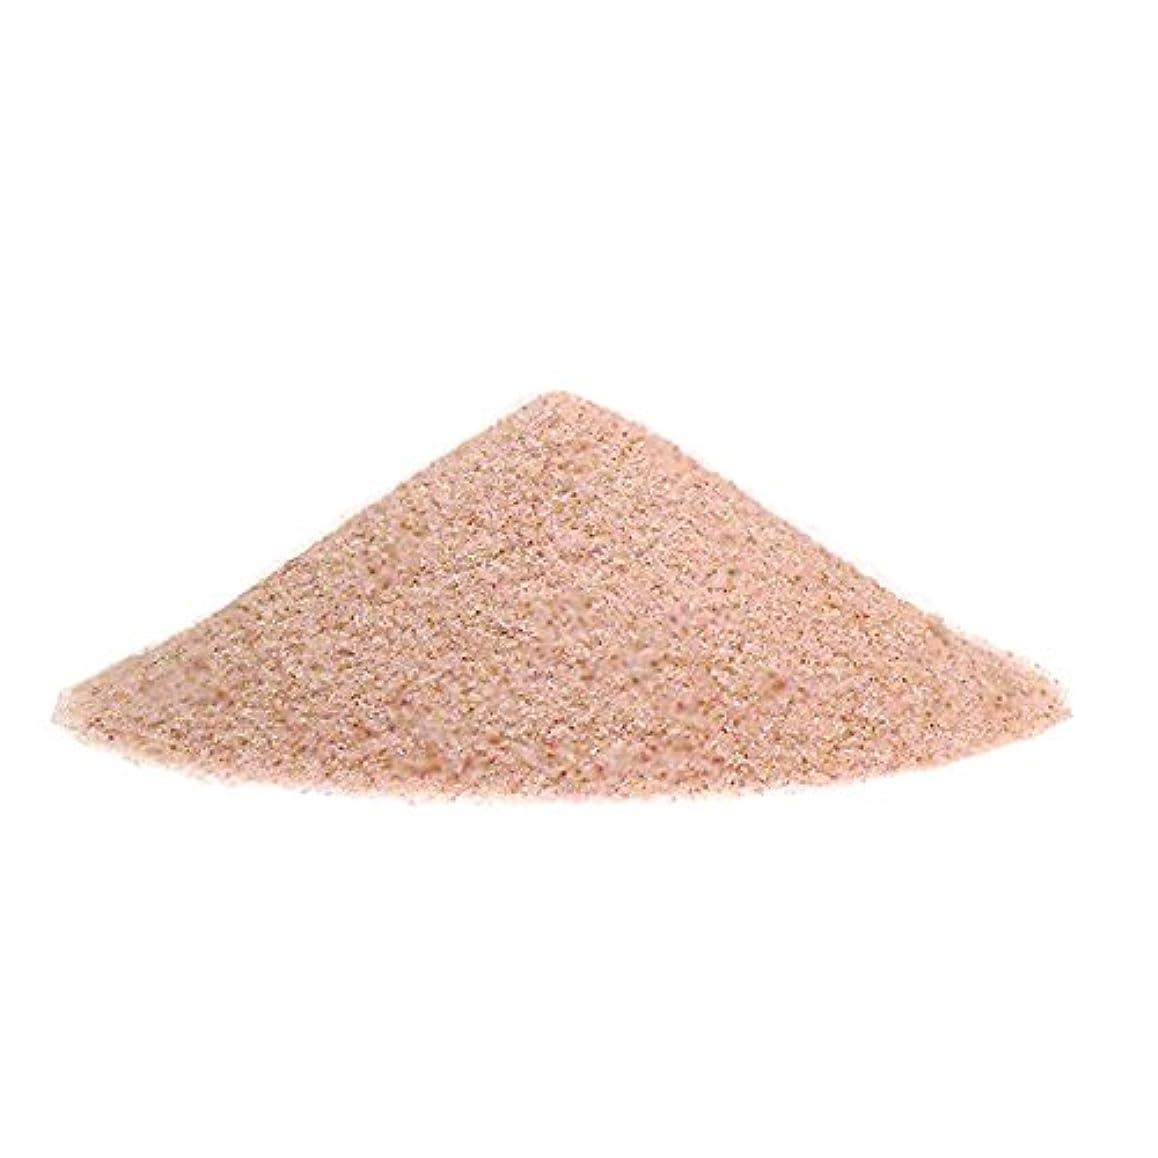 本繊維スラダムヒマラヤ岩塩 ピンクソルト 入浴用 バスソルト(微粒パウダー)3kg ピンク岩塩